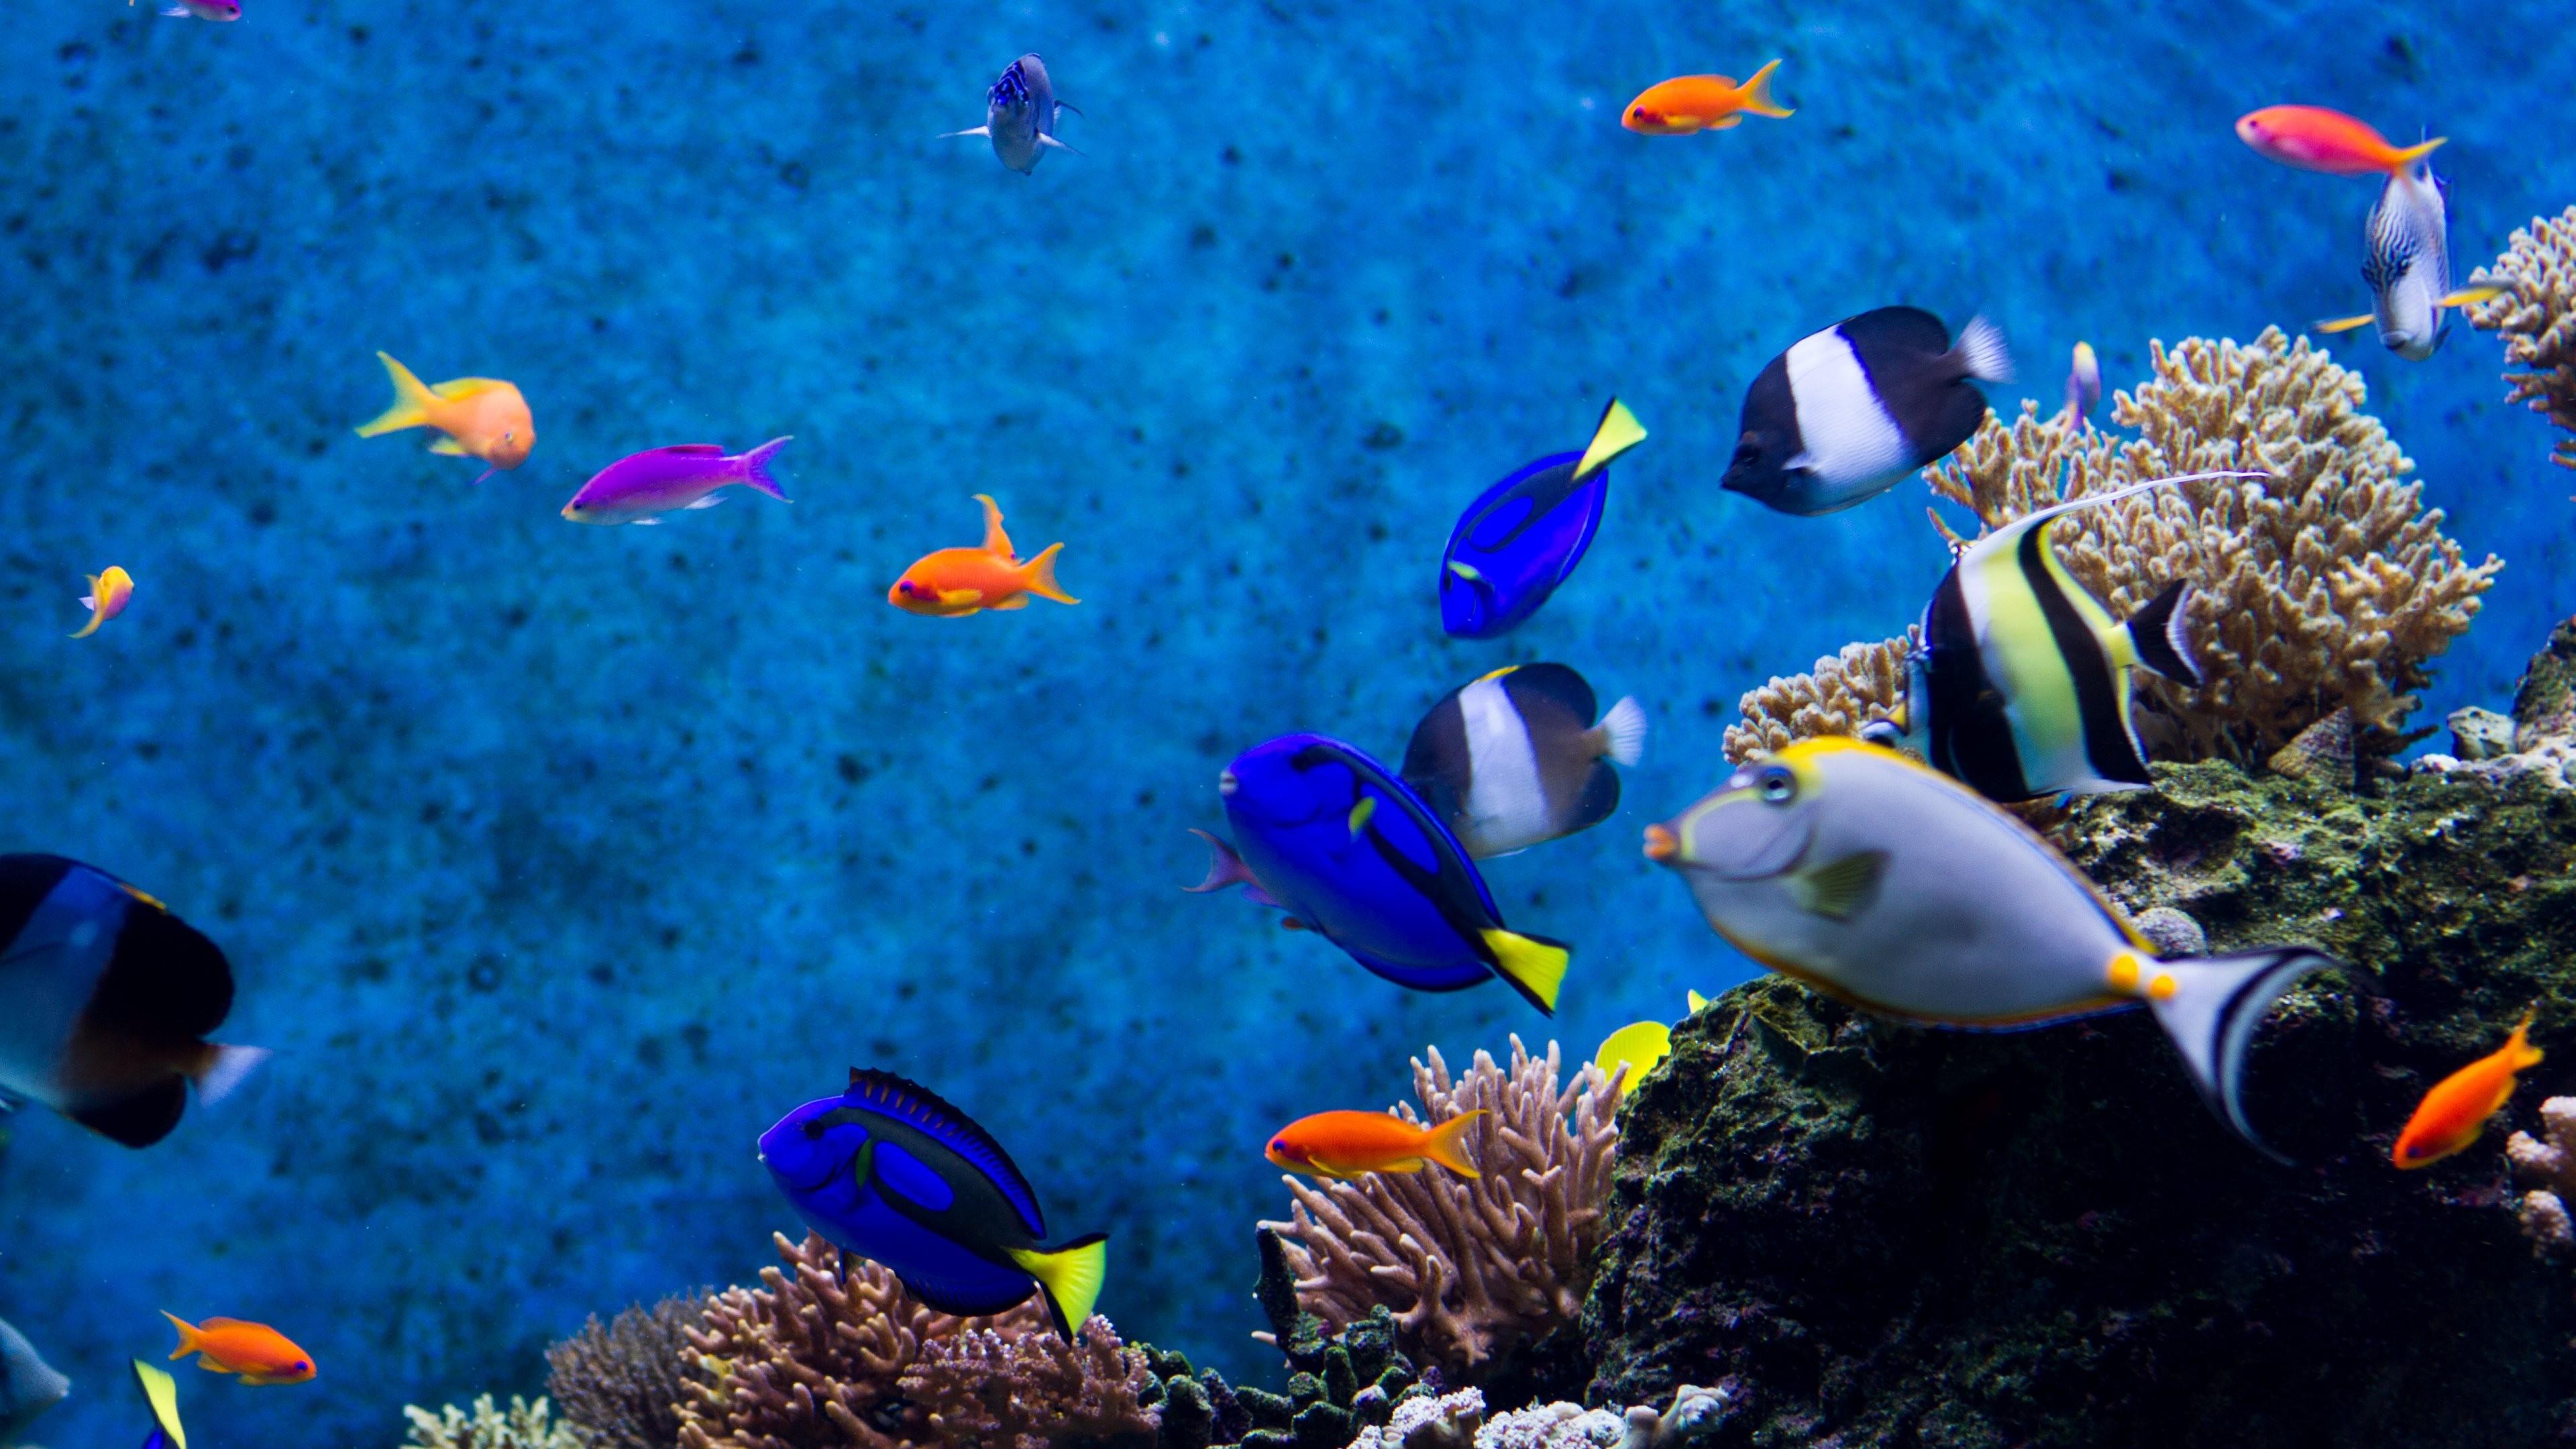 Aquarium Live Wallpaper For Desktop : Aquarium hd 1080p wallpaper  wallpapersafari